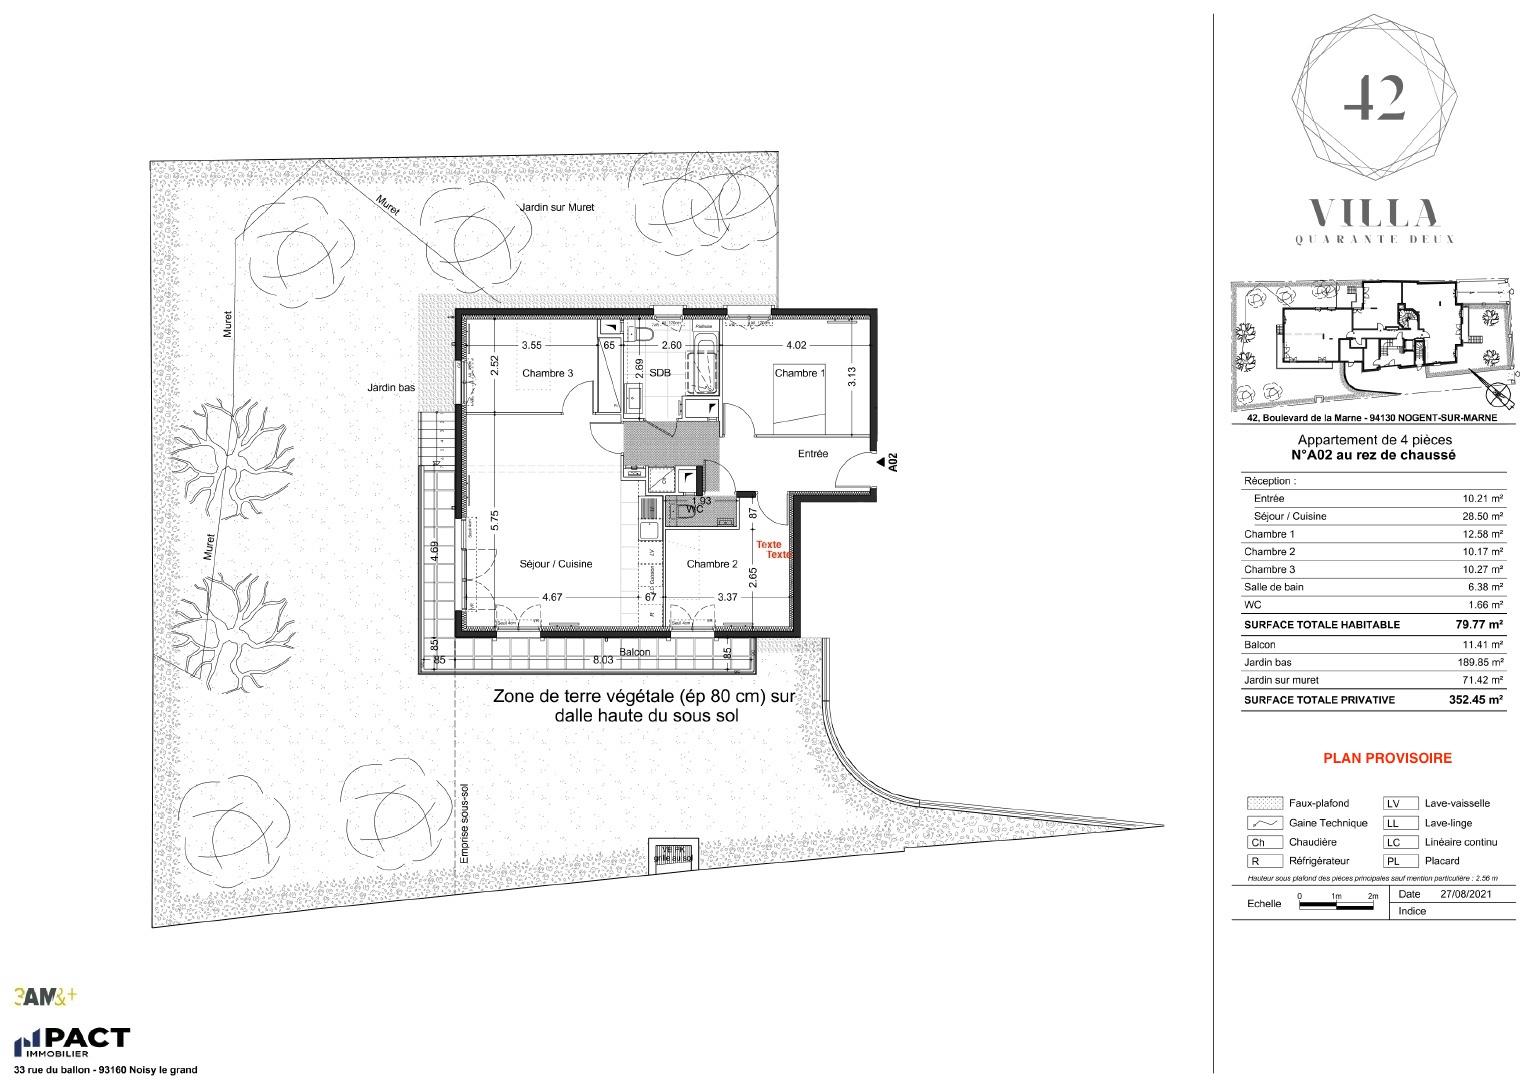 T4 - 79,77 m² - RdJ - Balcon - Jardin - Parking